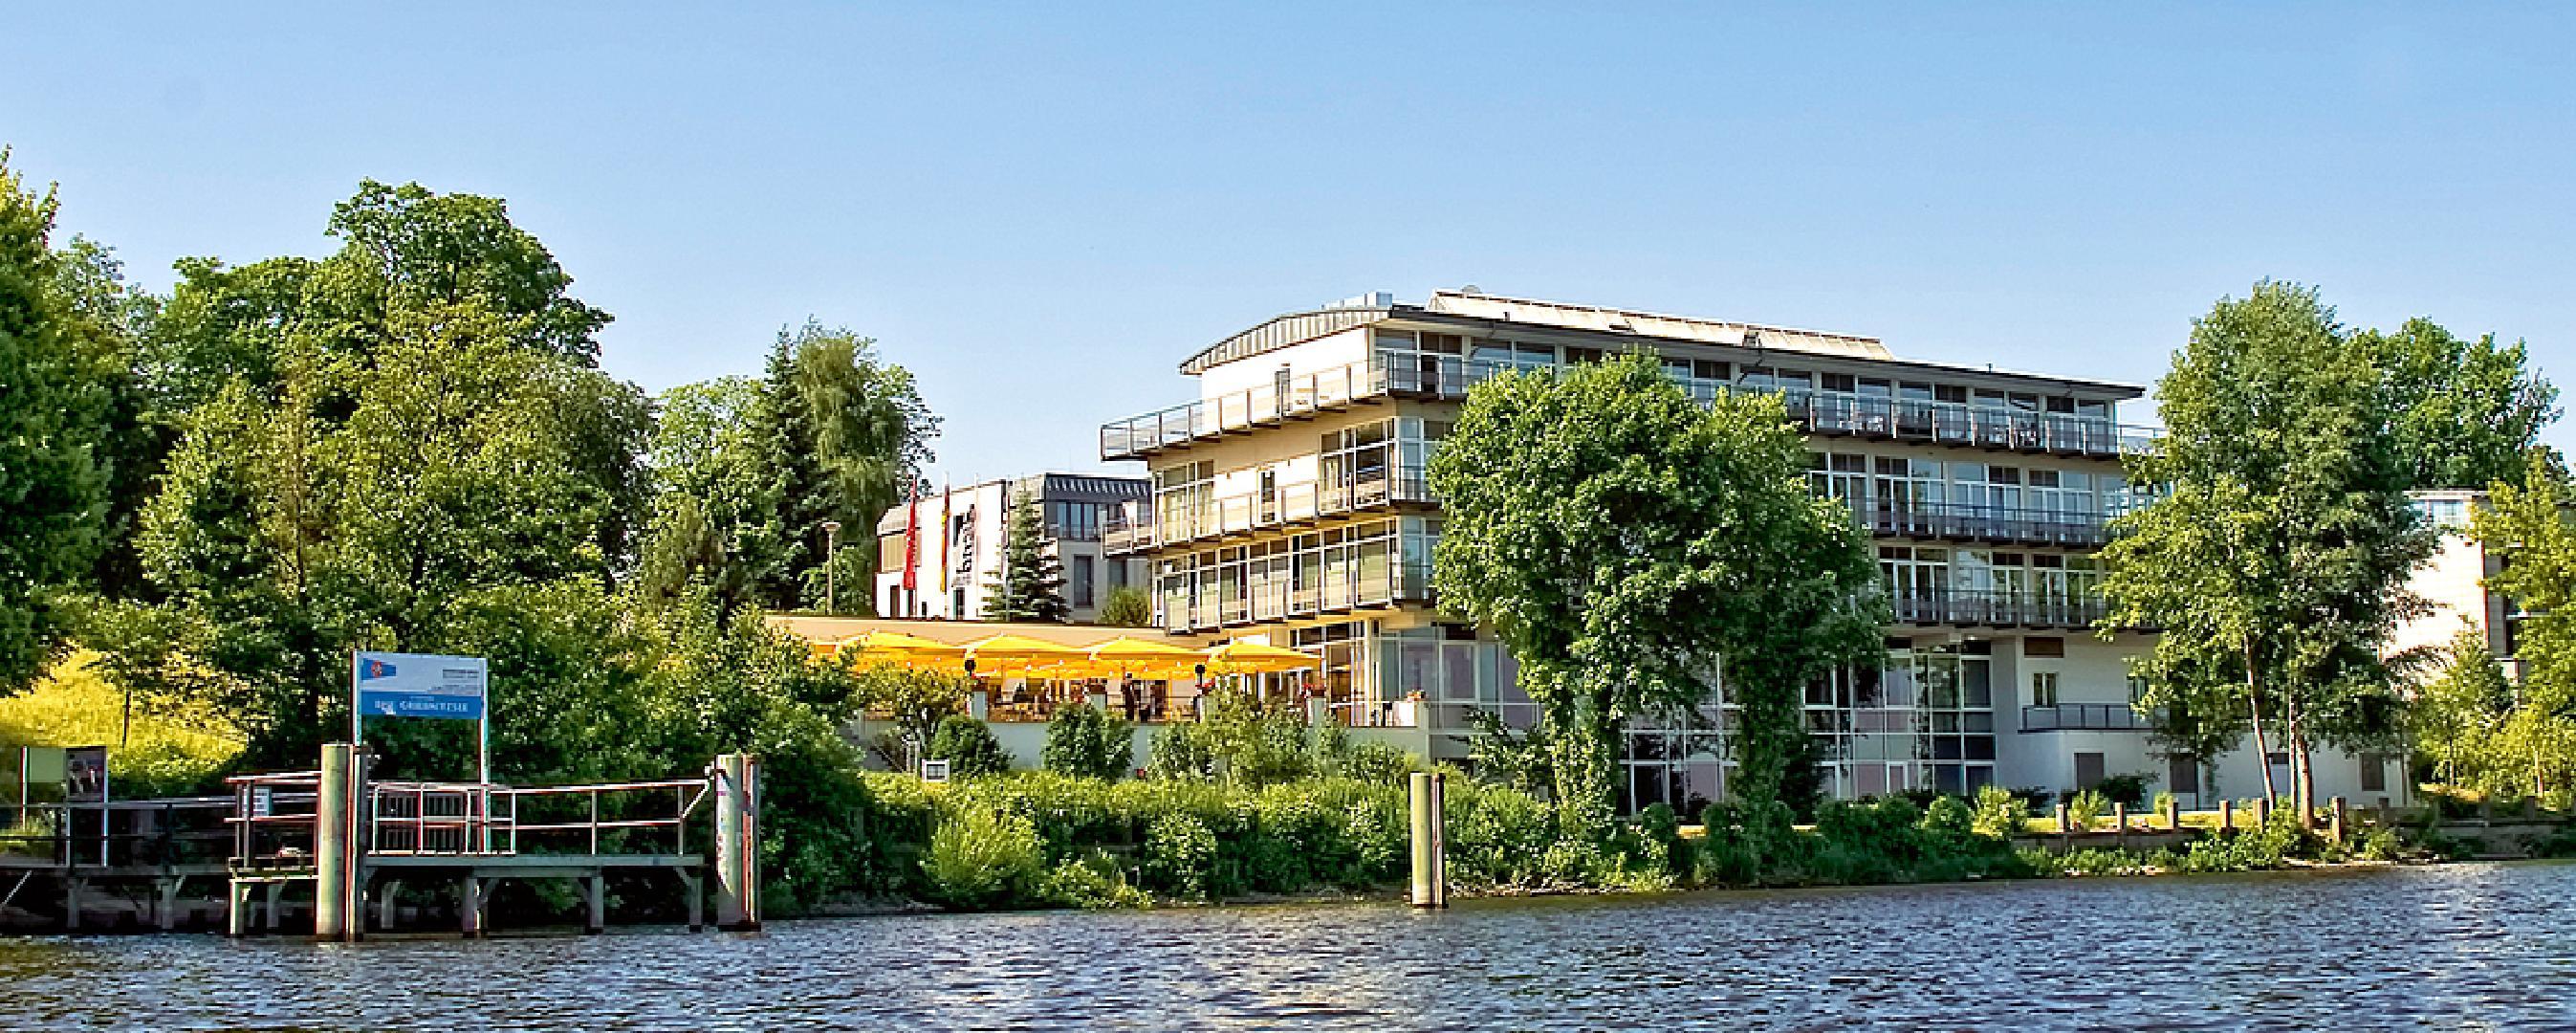 Picture 1 of Tagungsräume Brandenburg, Potsdam, Berlin & Gribnitzsee, Wannsee